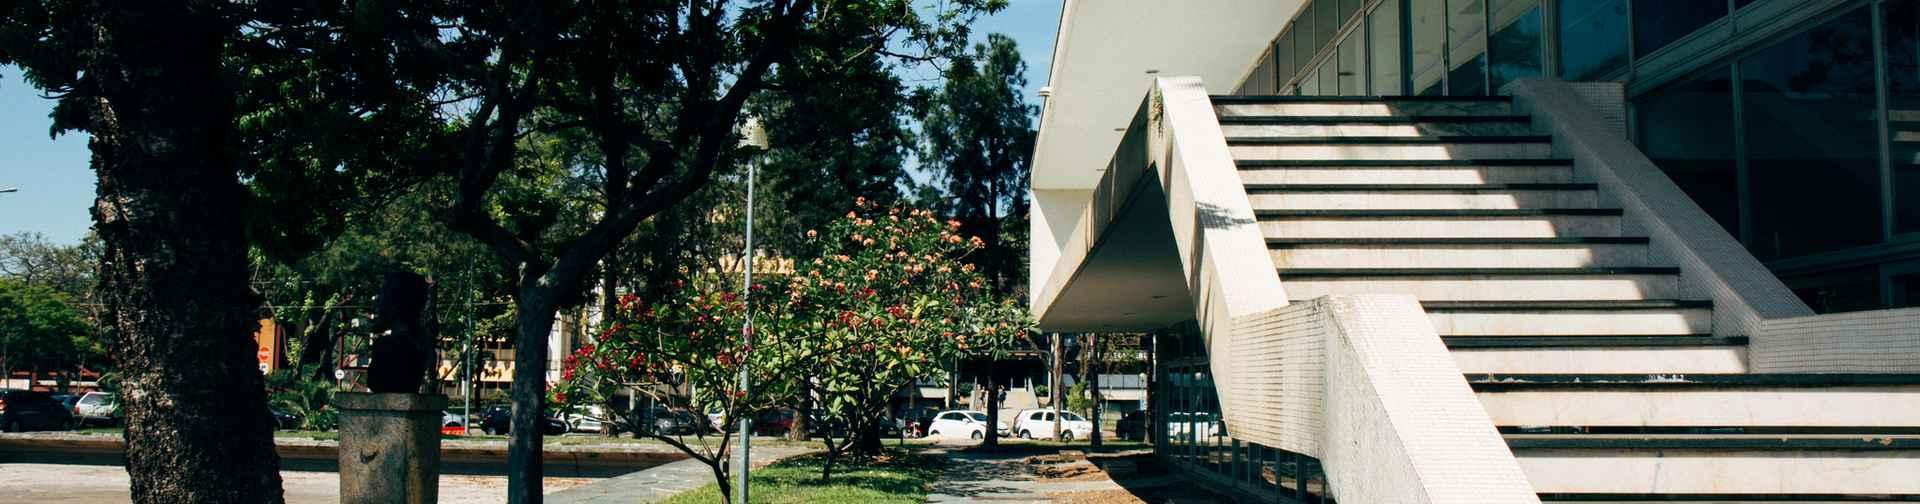 Escada da Reitoria no Campus Pampulha